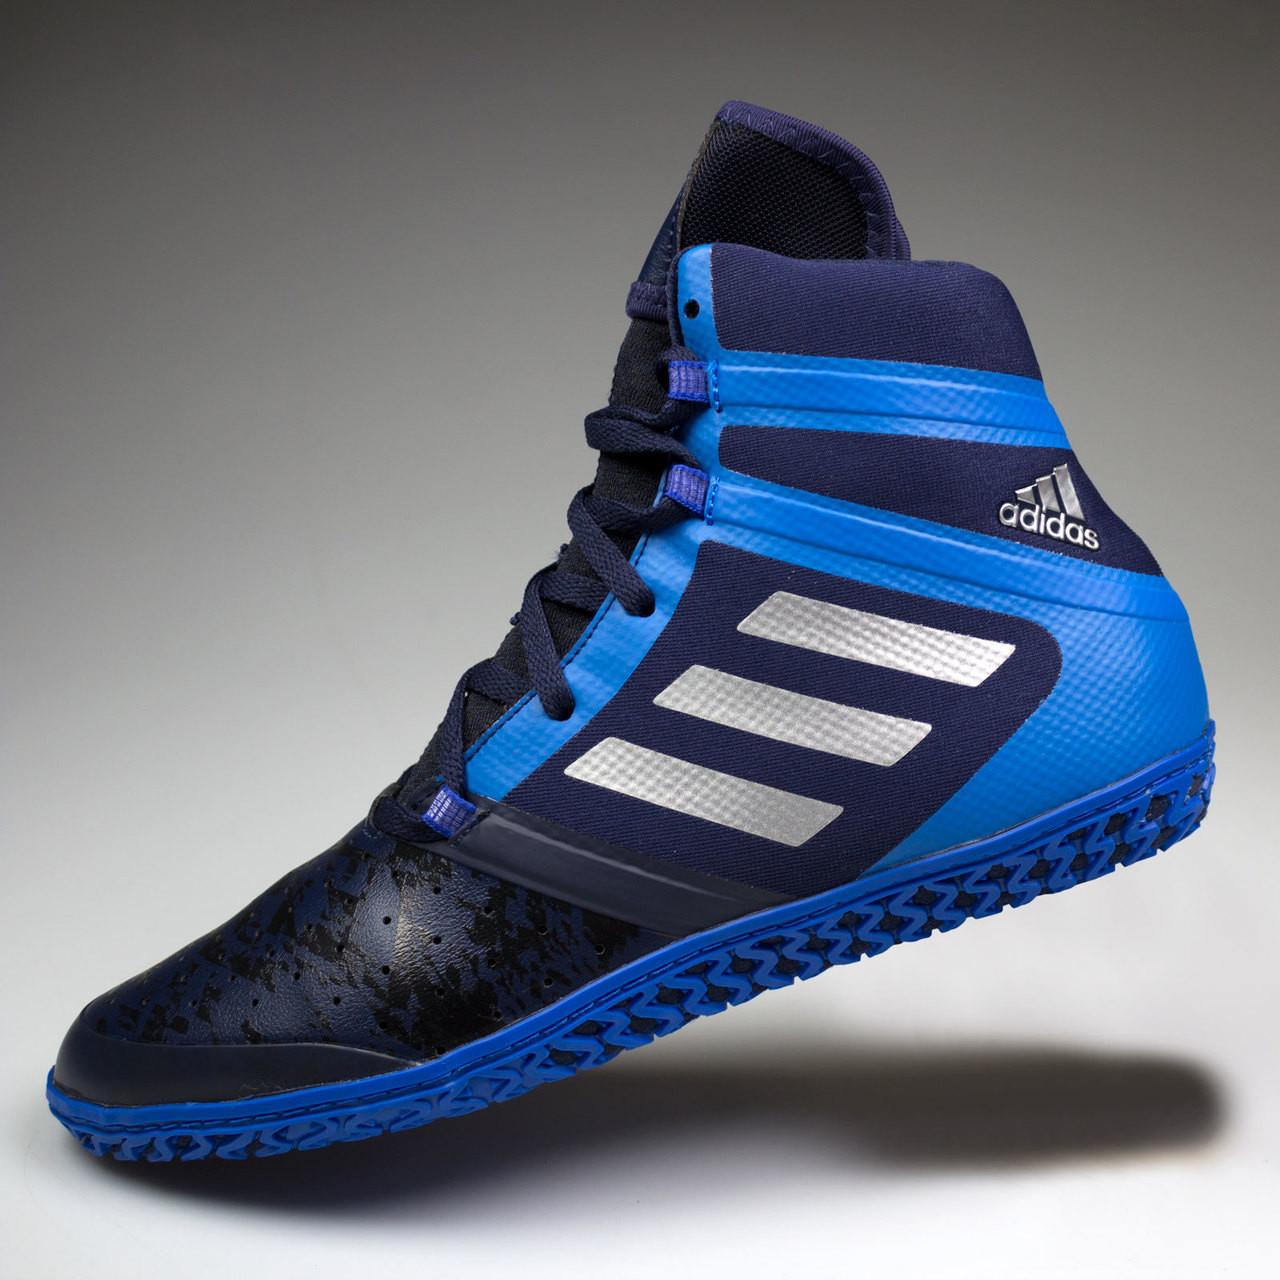 Adidas impatto senior wrestling scarpe aq3318 miglior prezzo